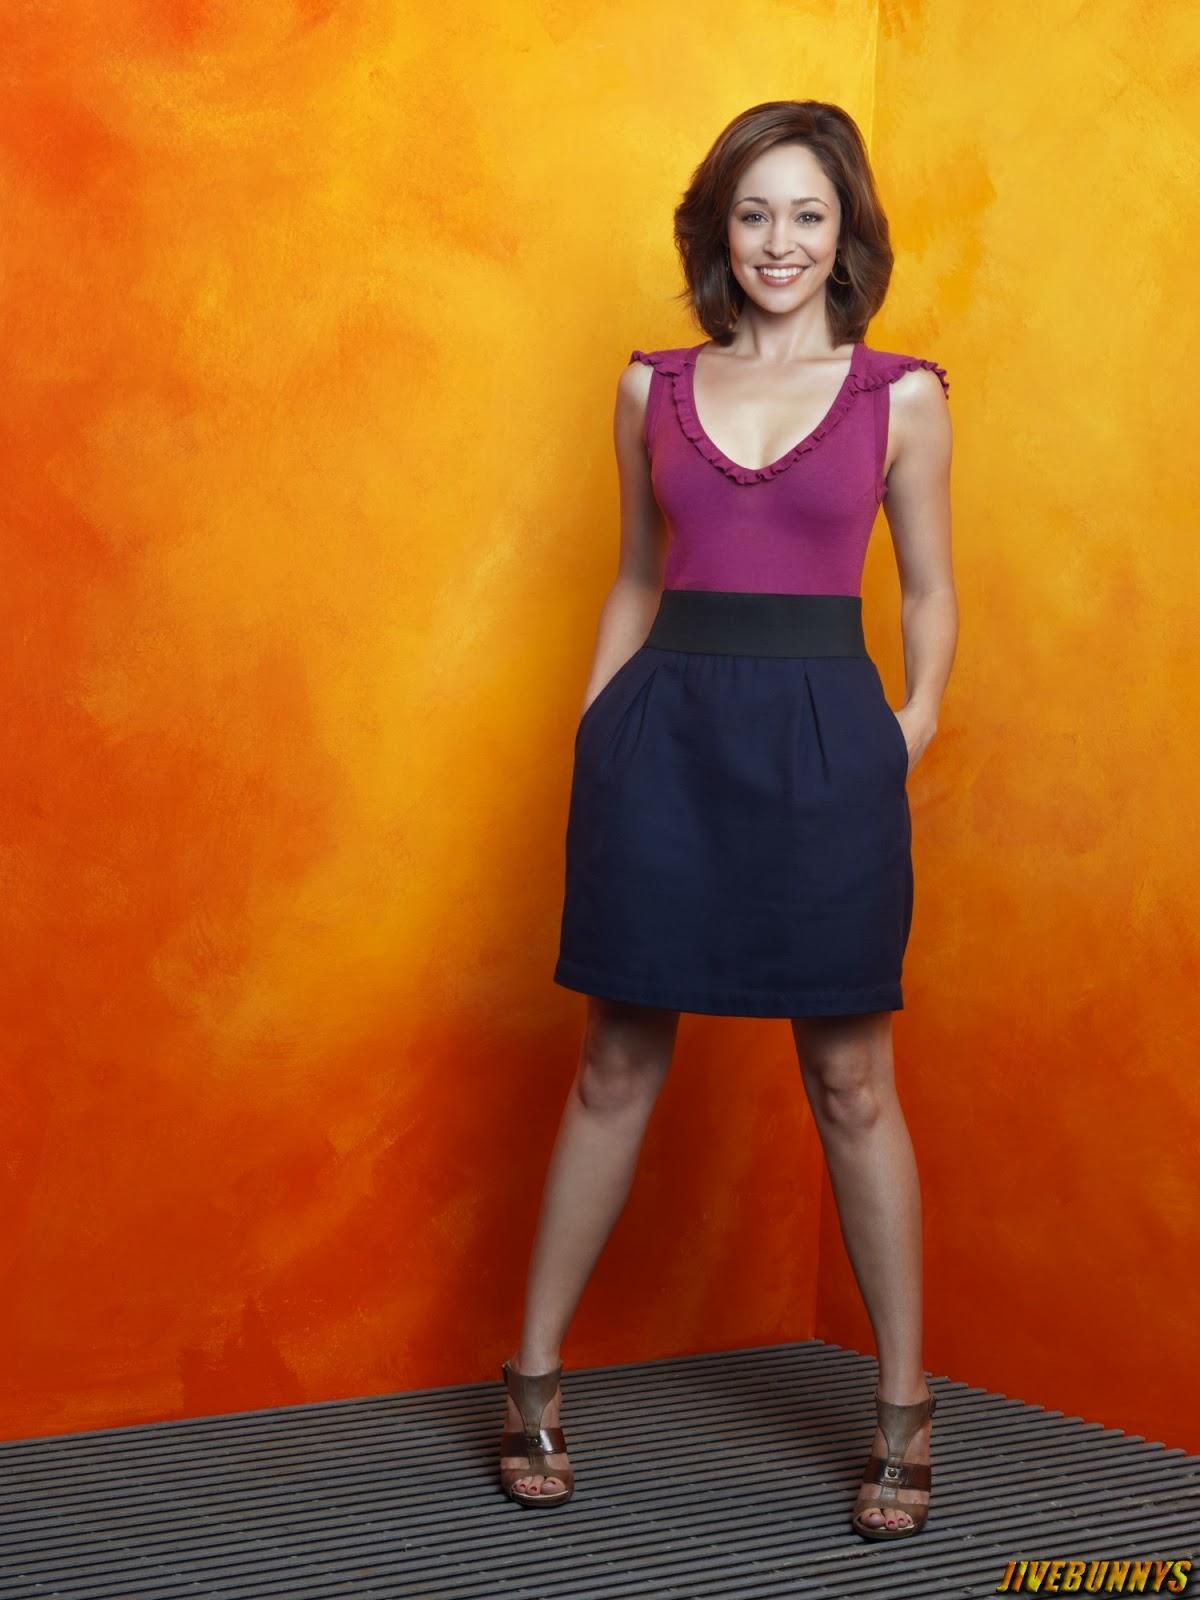 Autumn Reeser Actress Photos Gallery 2 1200x1600